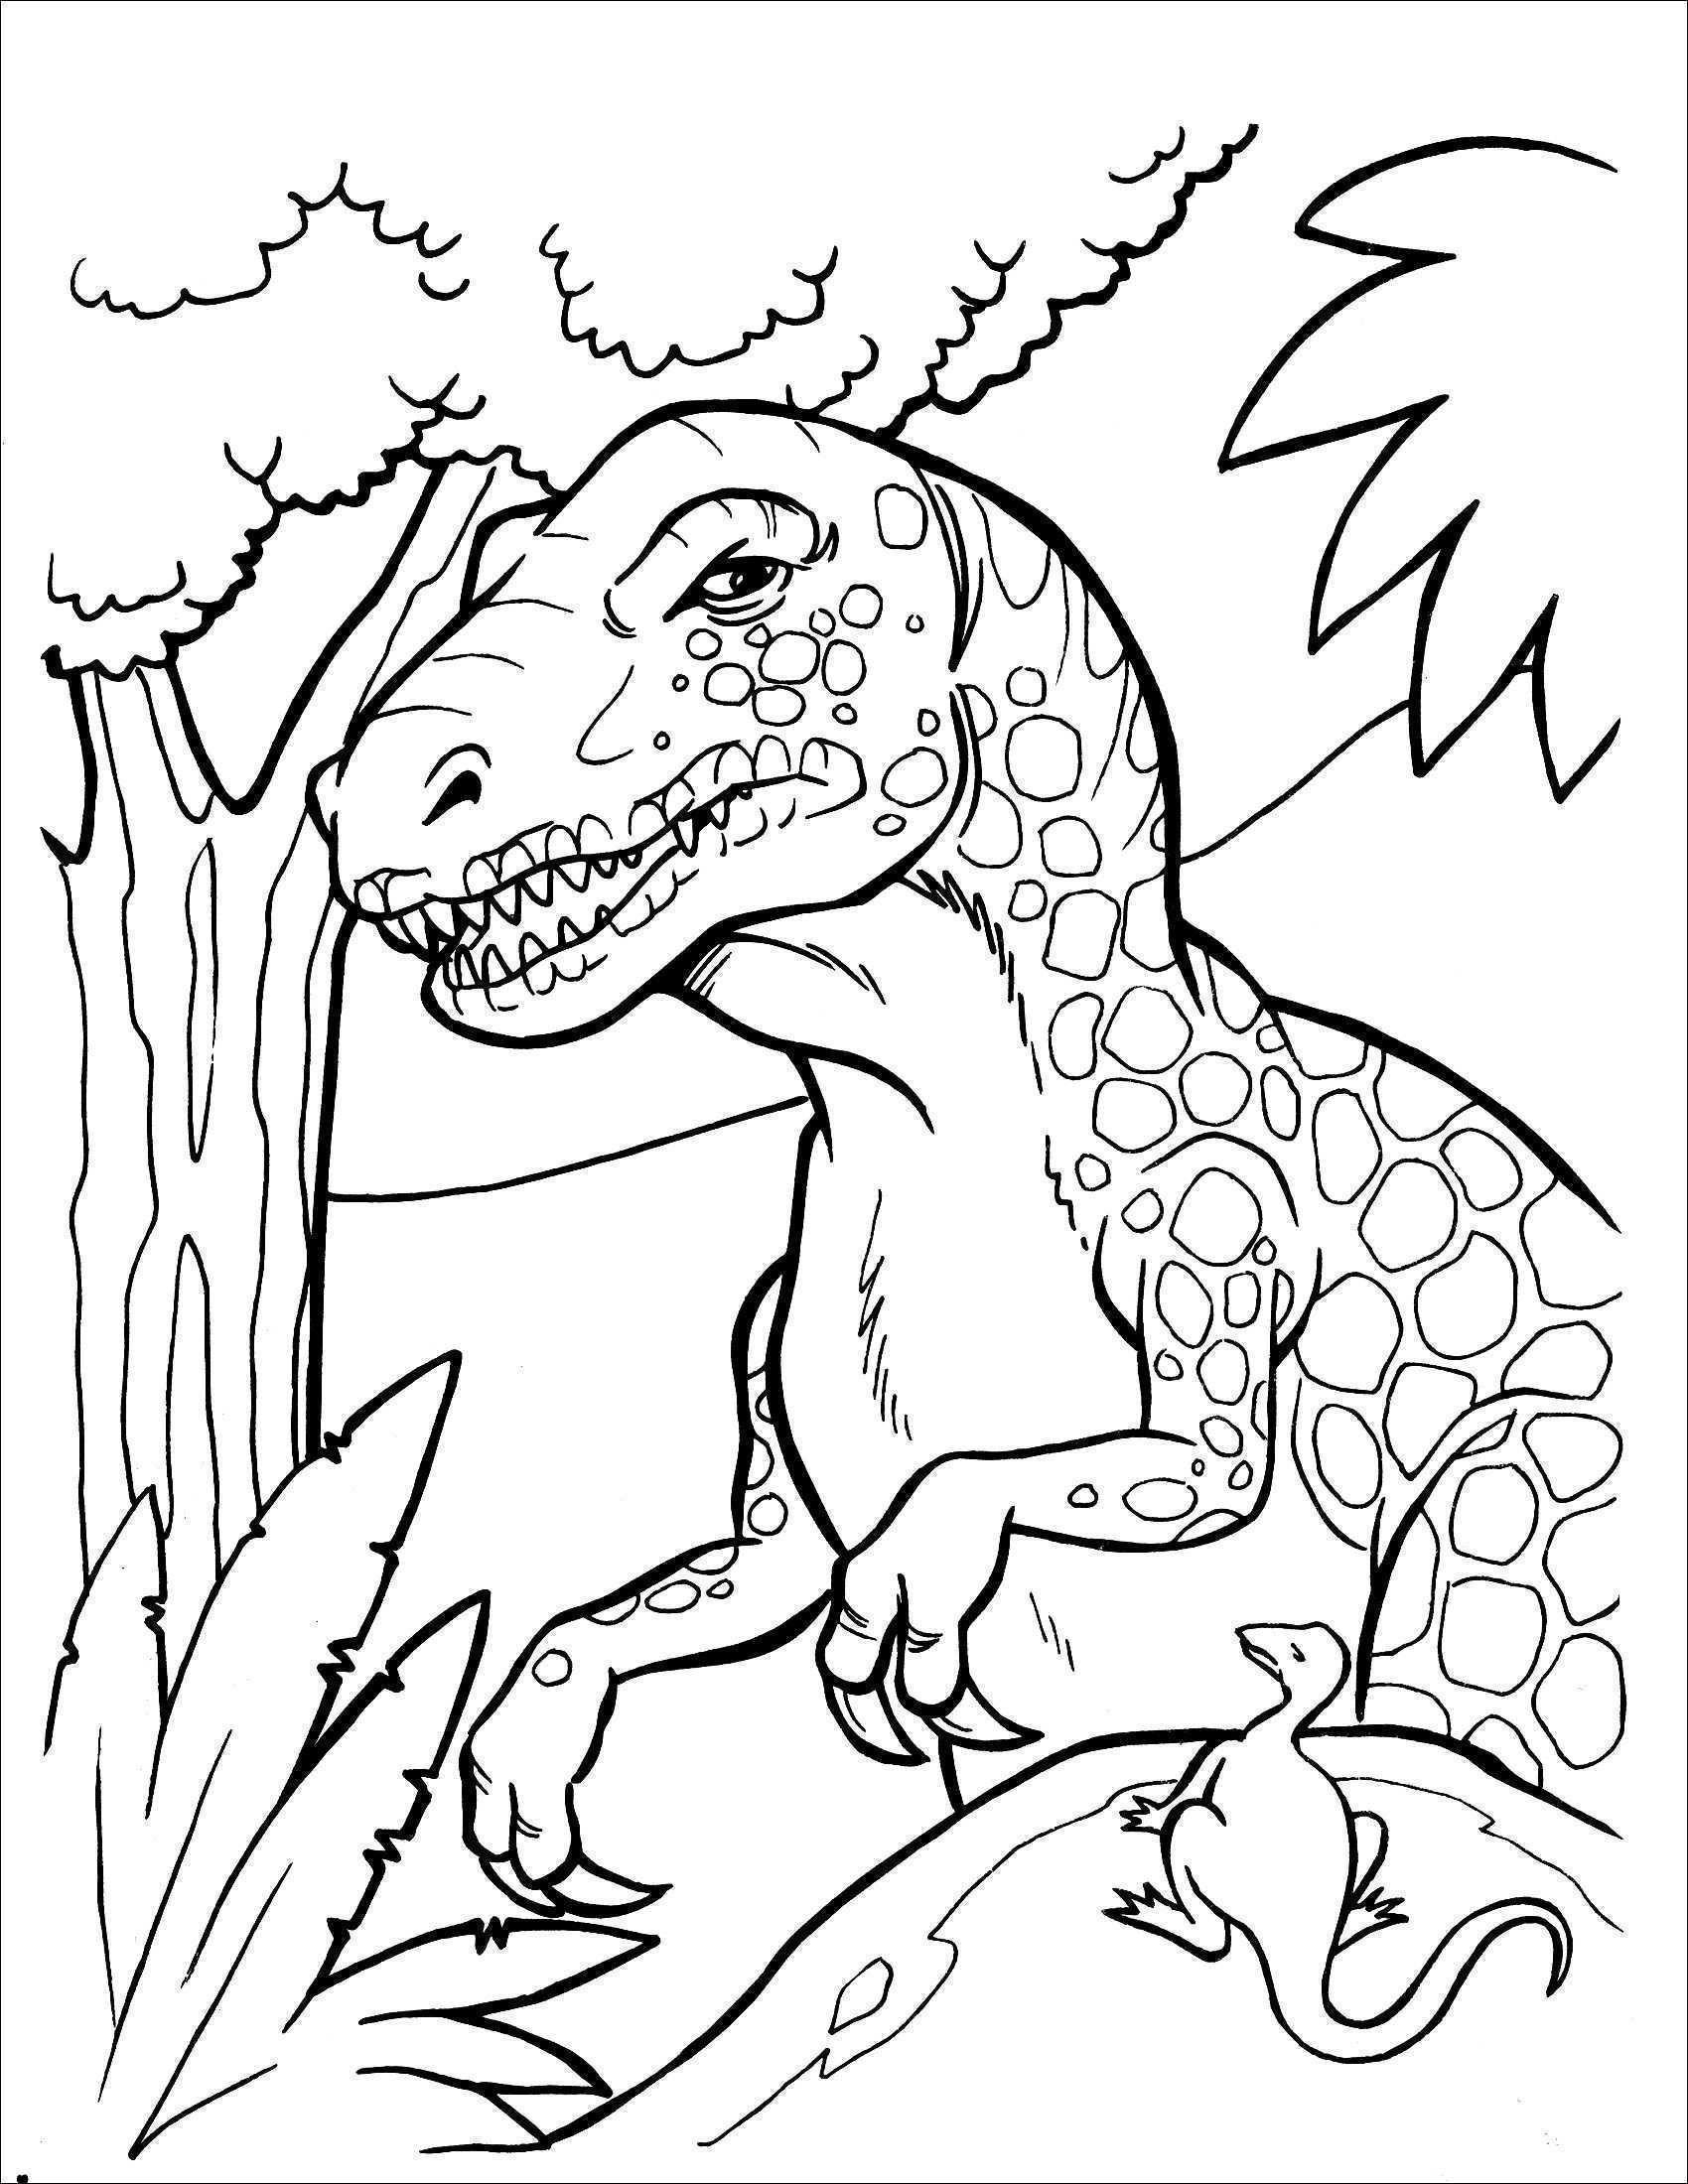 Tyrannosaurus Rex Ausmalbild Das Beste Von Ausmalbilder T Rex 35 Ausmalbilder Zu Ostern Scoredatscore Das Bild